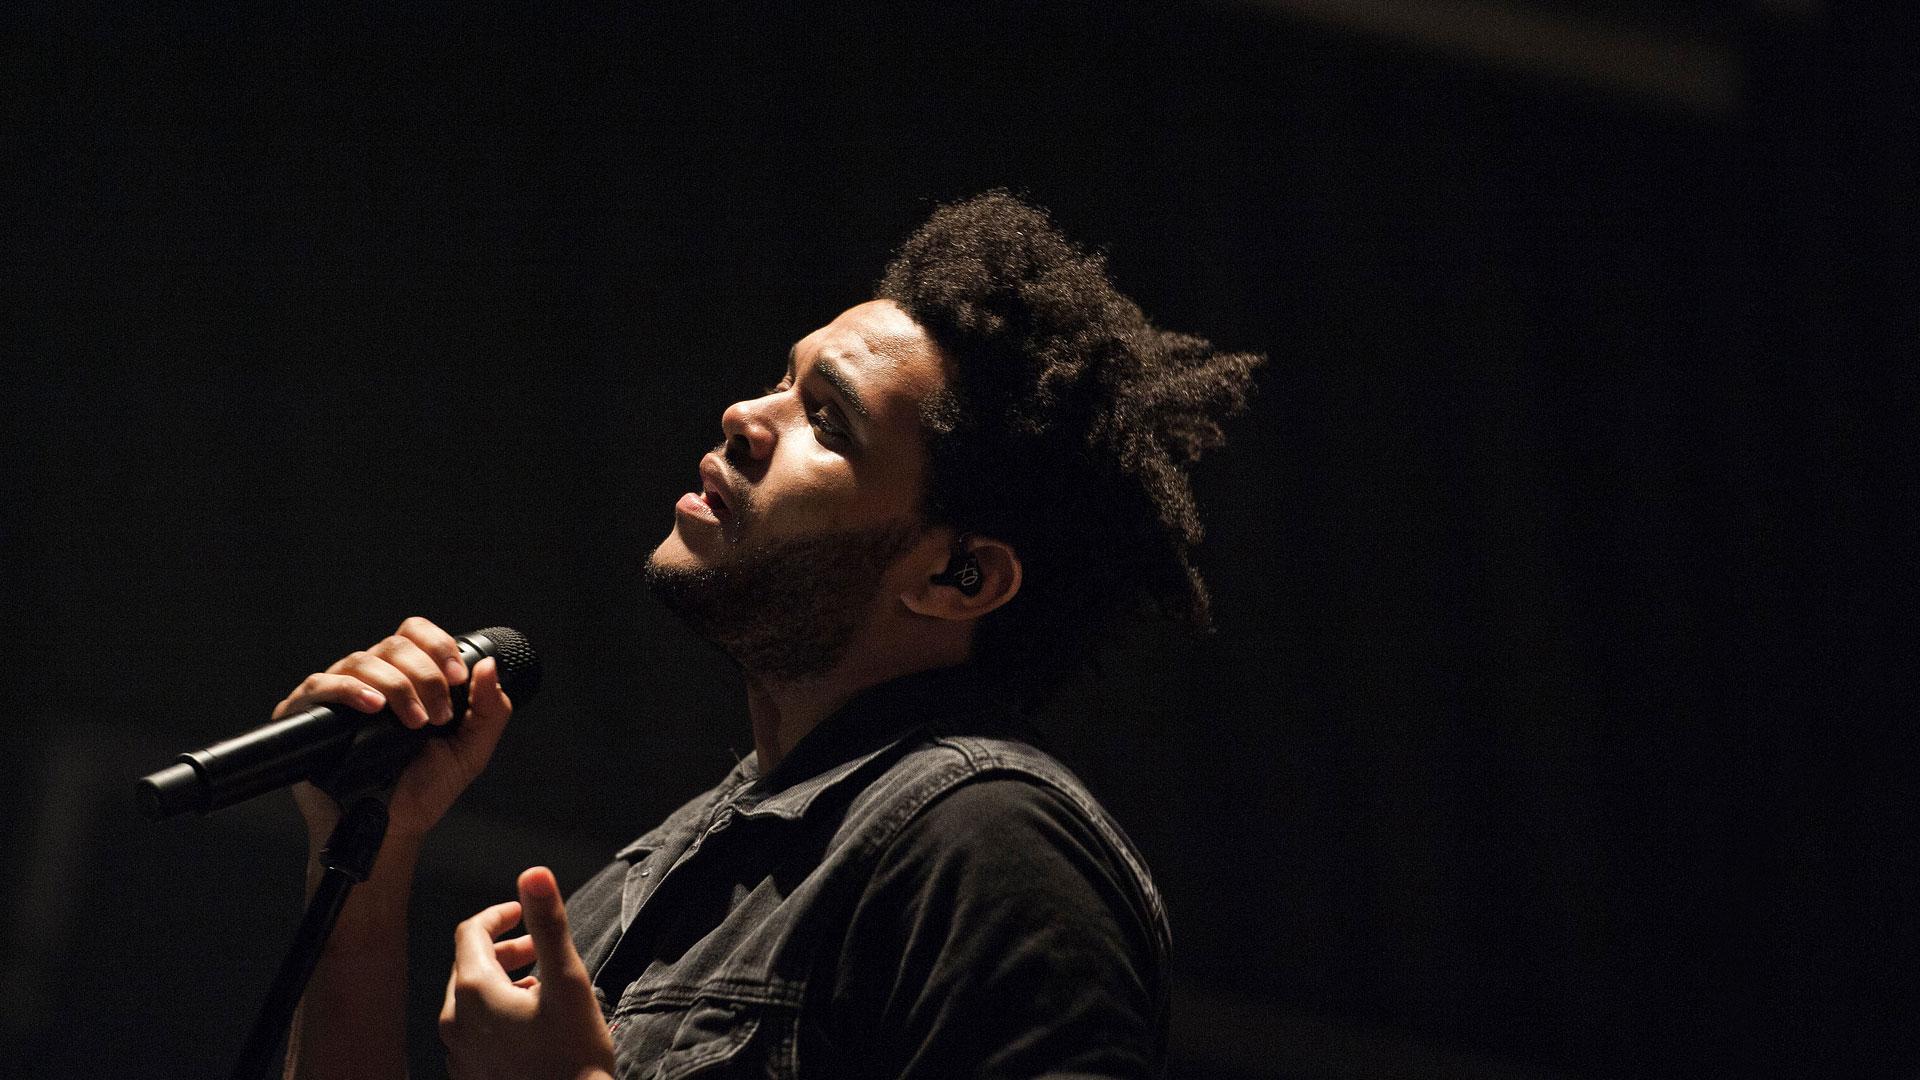 The Weeknd | Music fanart | fanart.tv